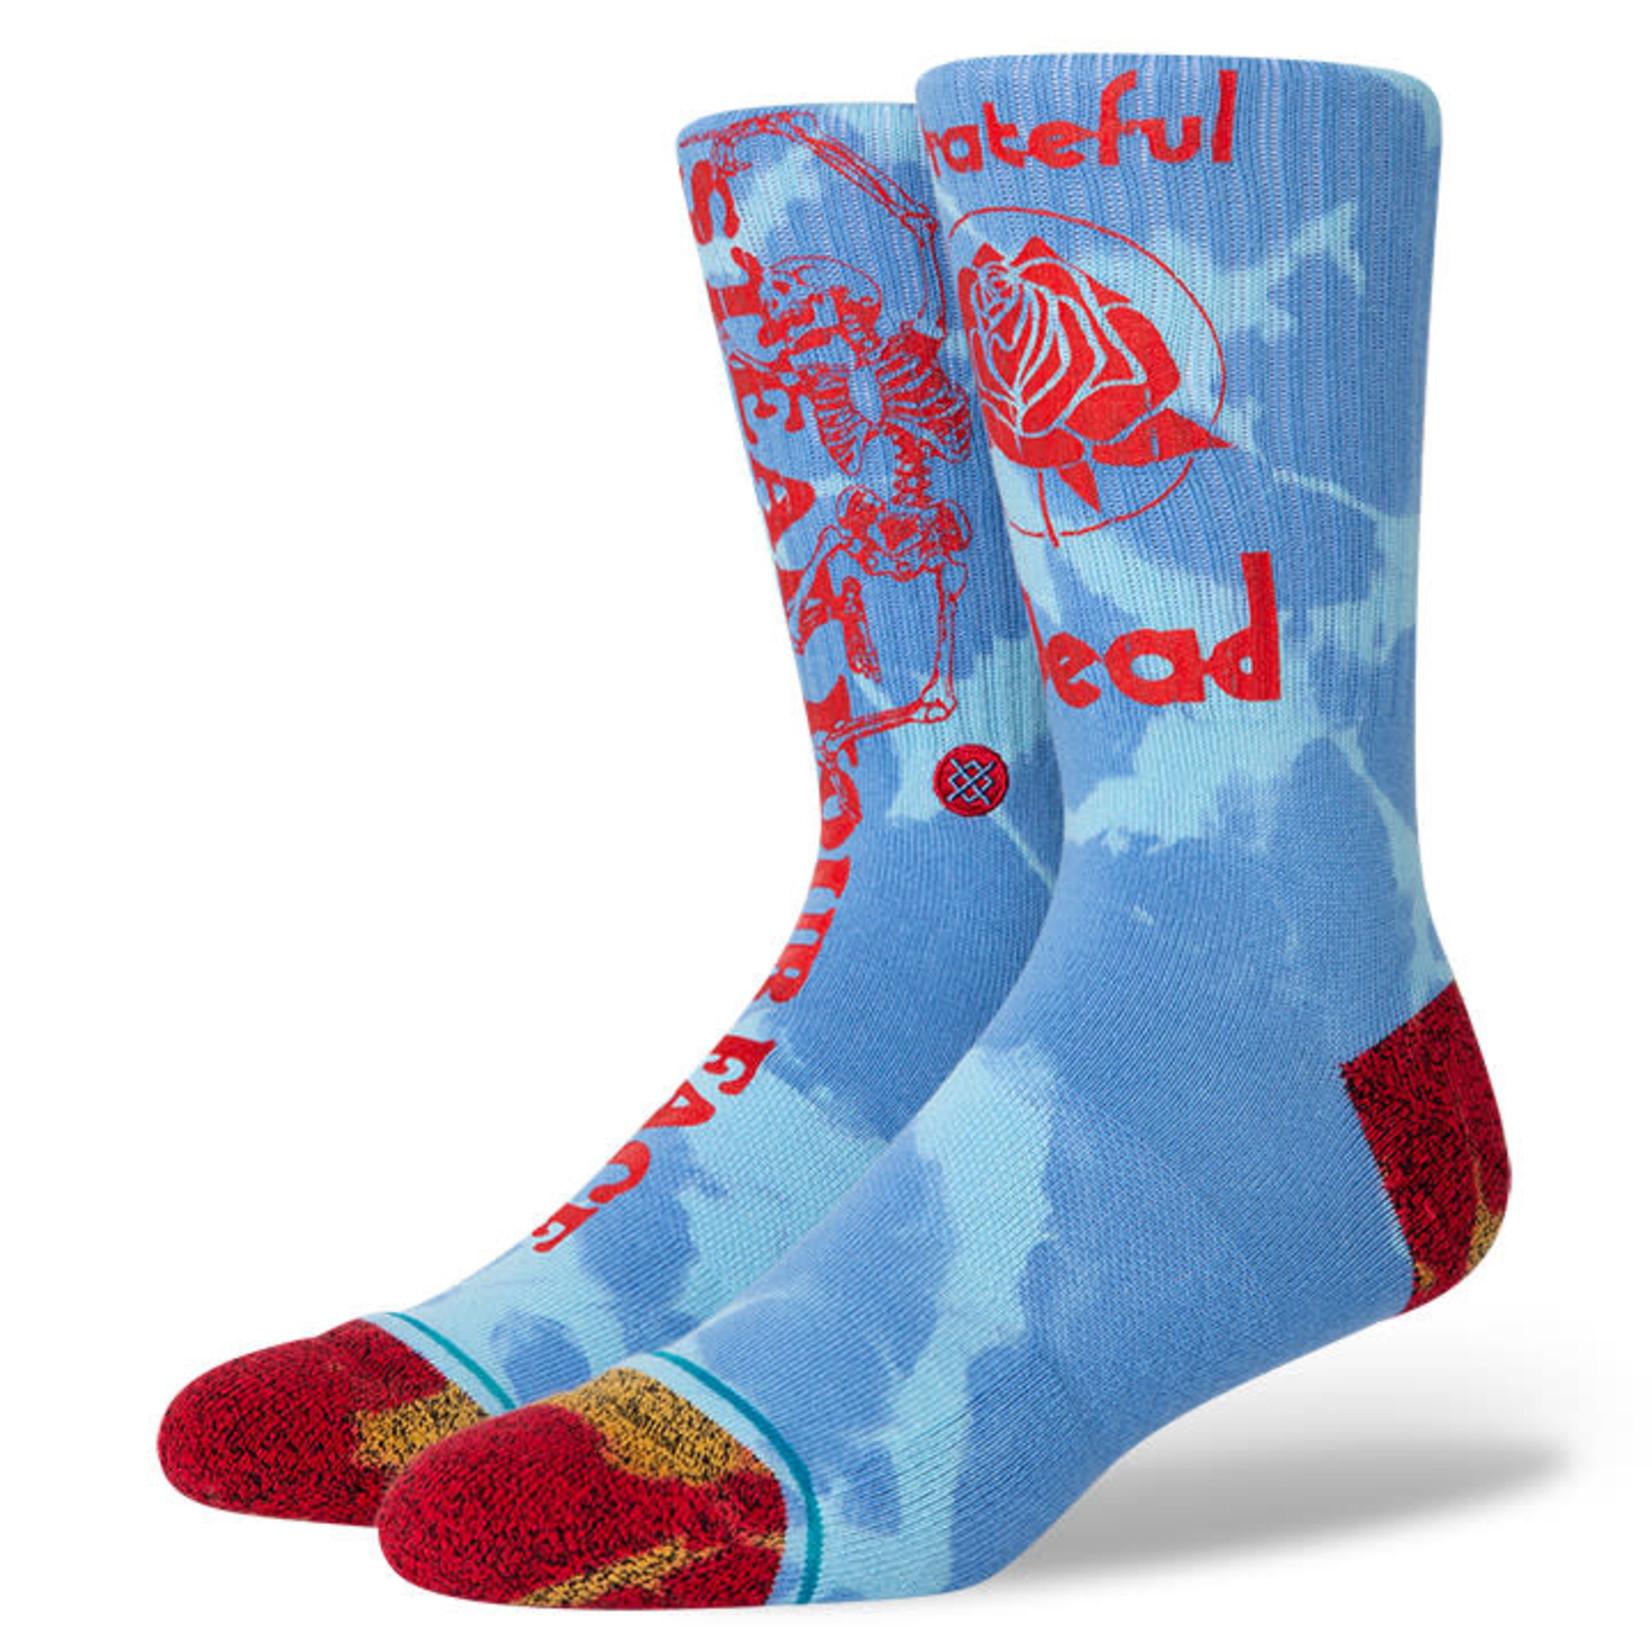 Stance Stance Socks Sunshine Day Dream M (Men 6-8.5 / Women 8-10.5)